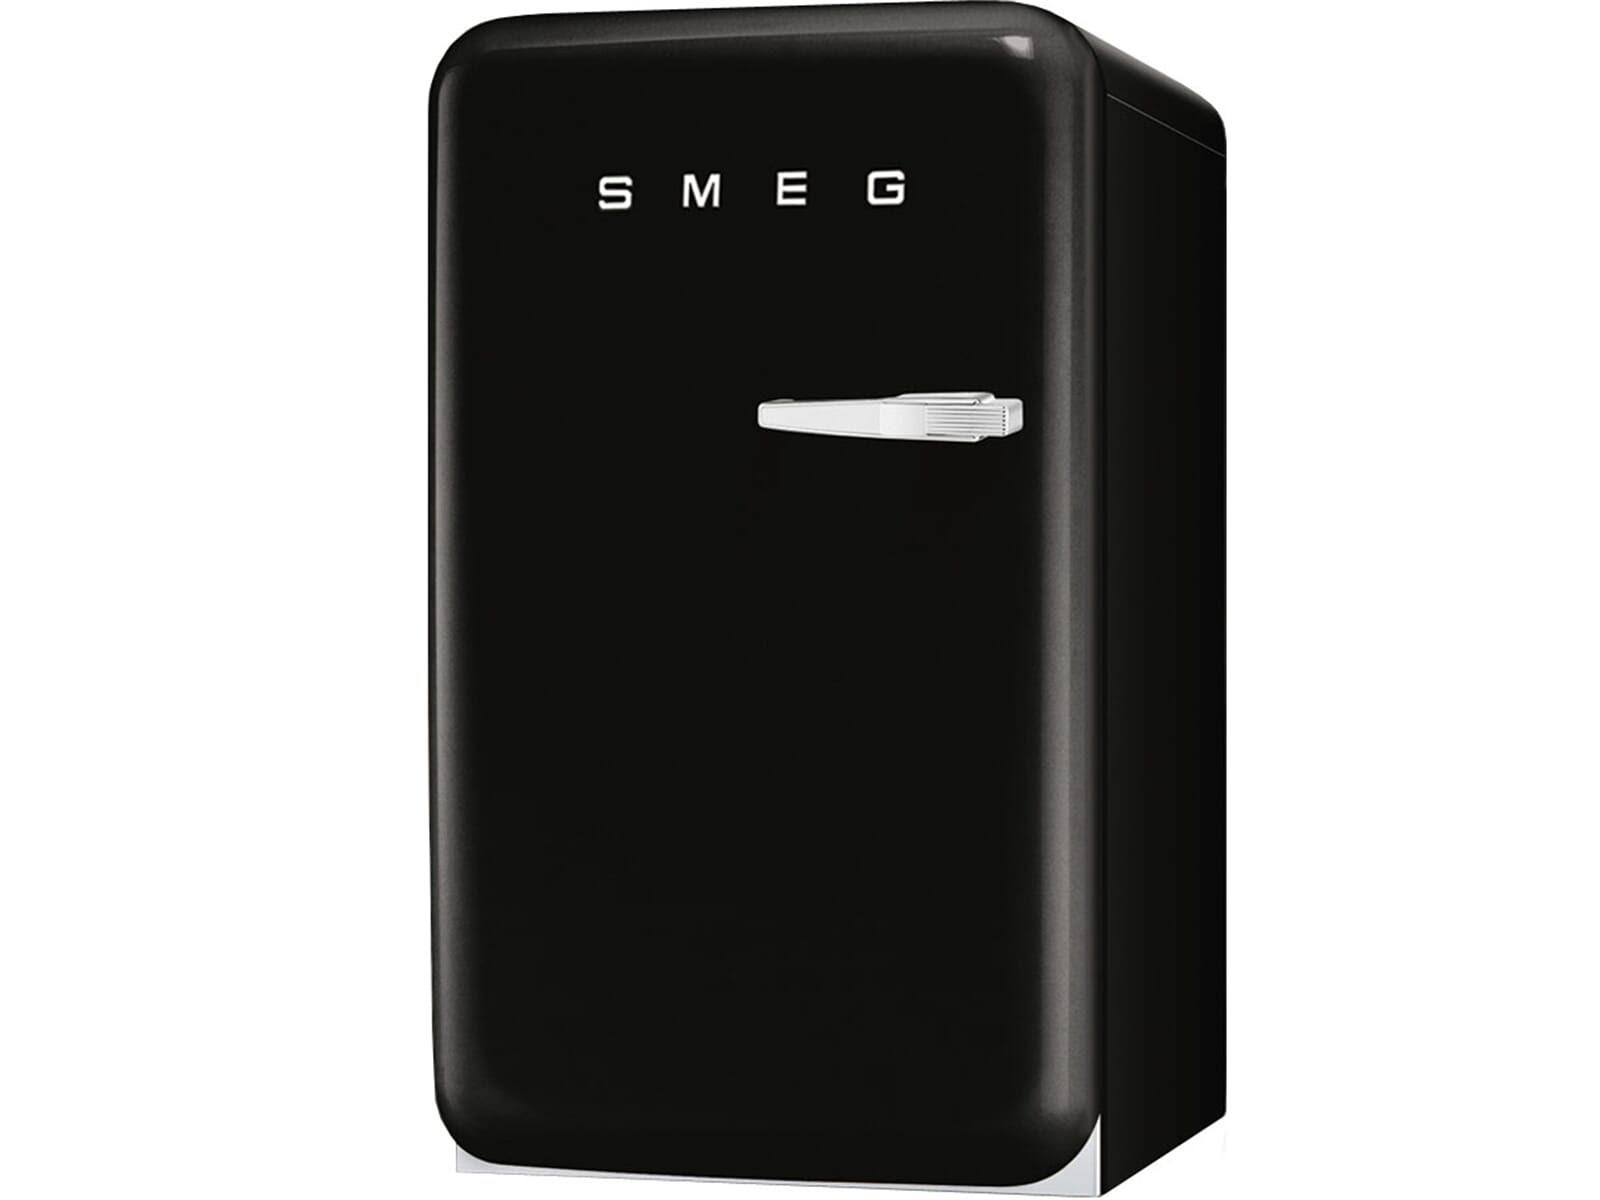 Smeg Kühlschrank Verkaufen : Smeg kühlschrank verkaufen: kühlschrank verkaufen möbel design idee